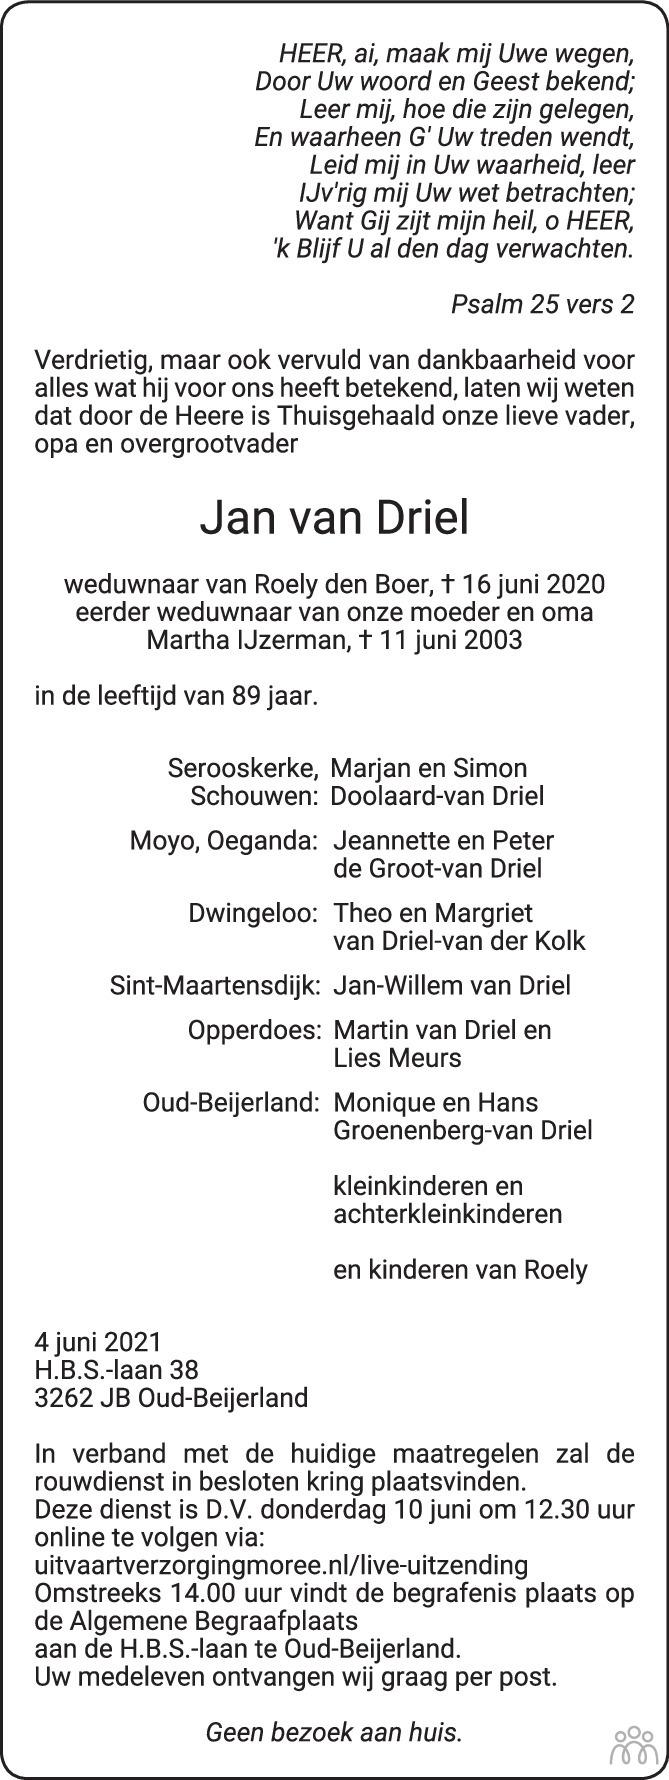 Overlijdensbericht van Jan van Driel in Het Kompas woensdag